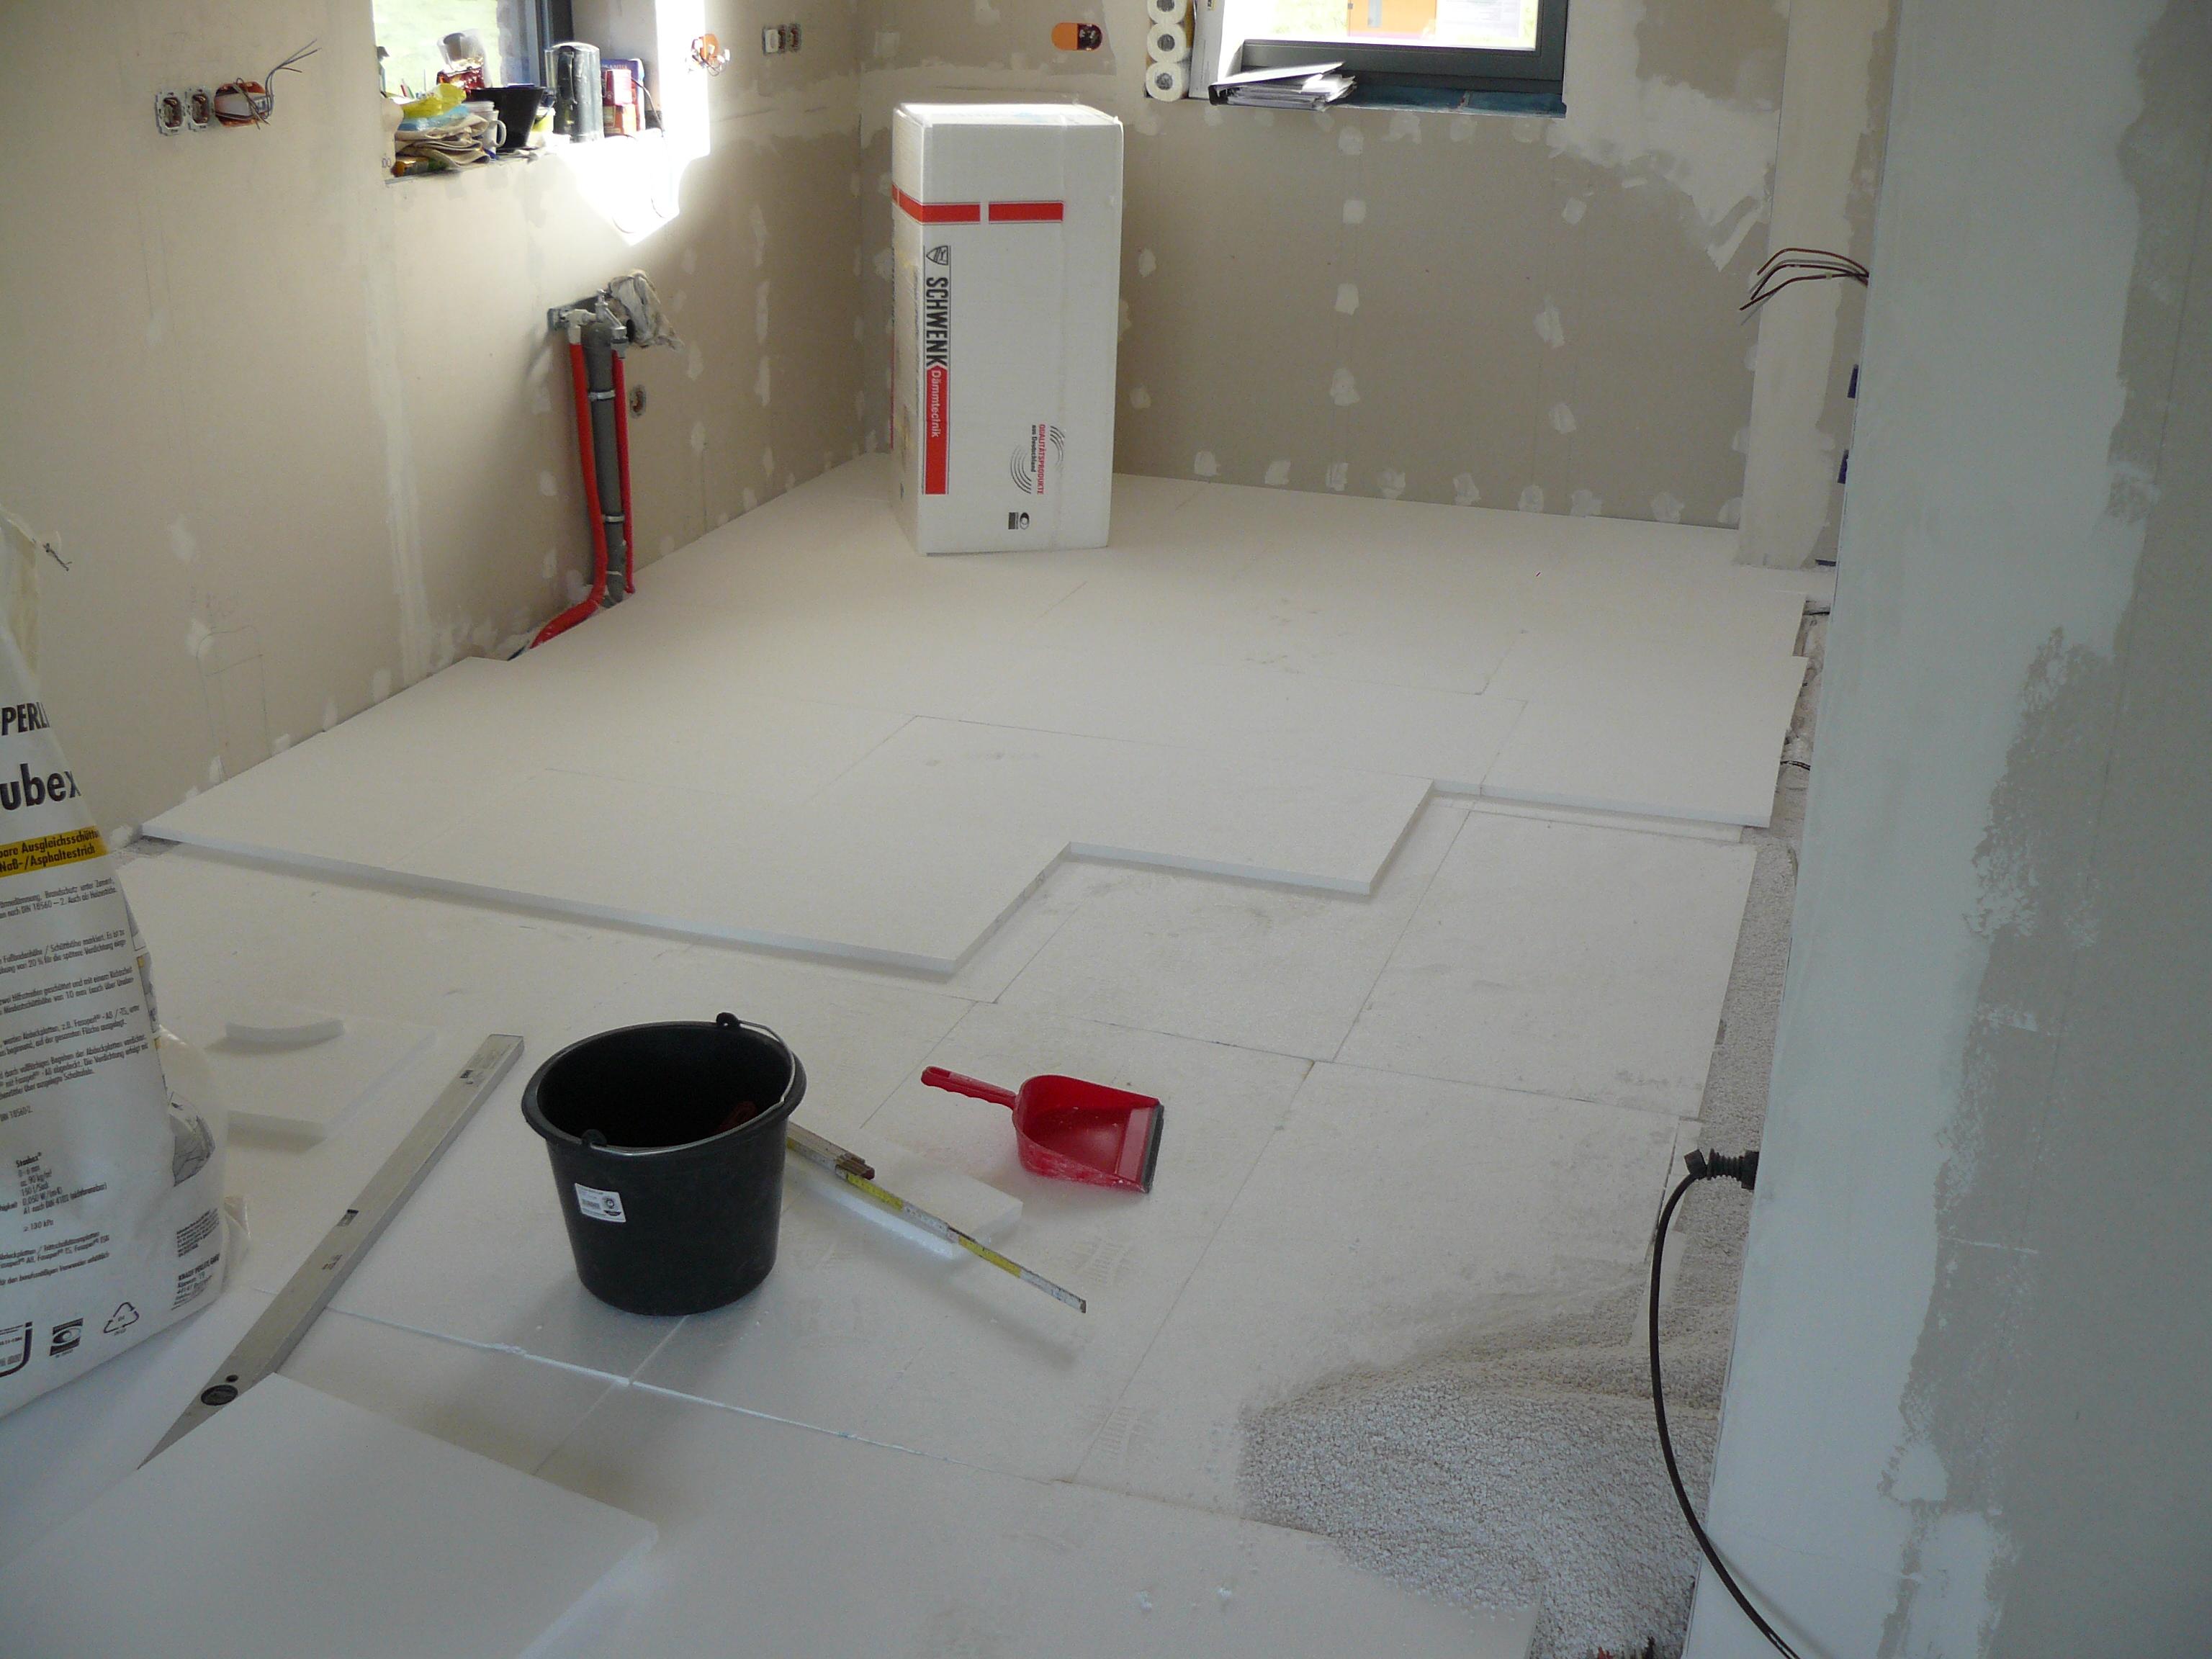 zweite Lage in der Küche